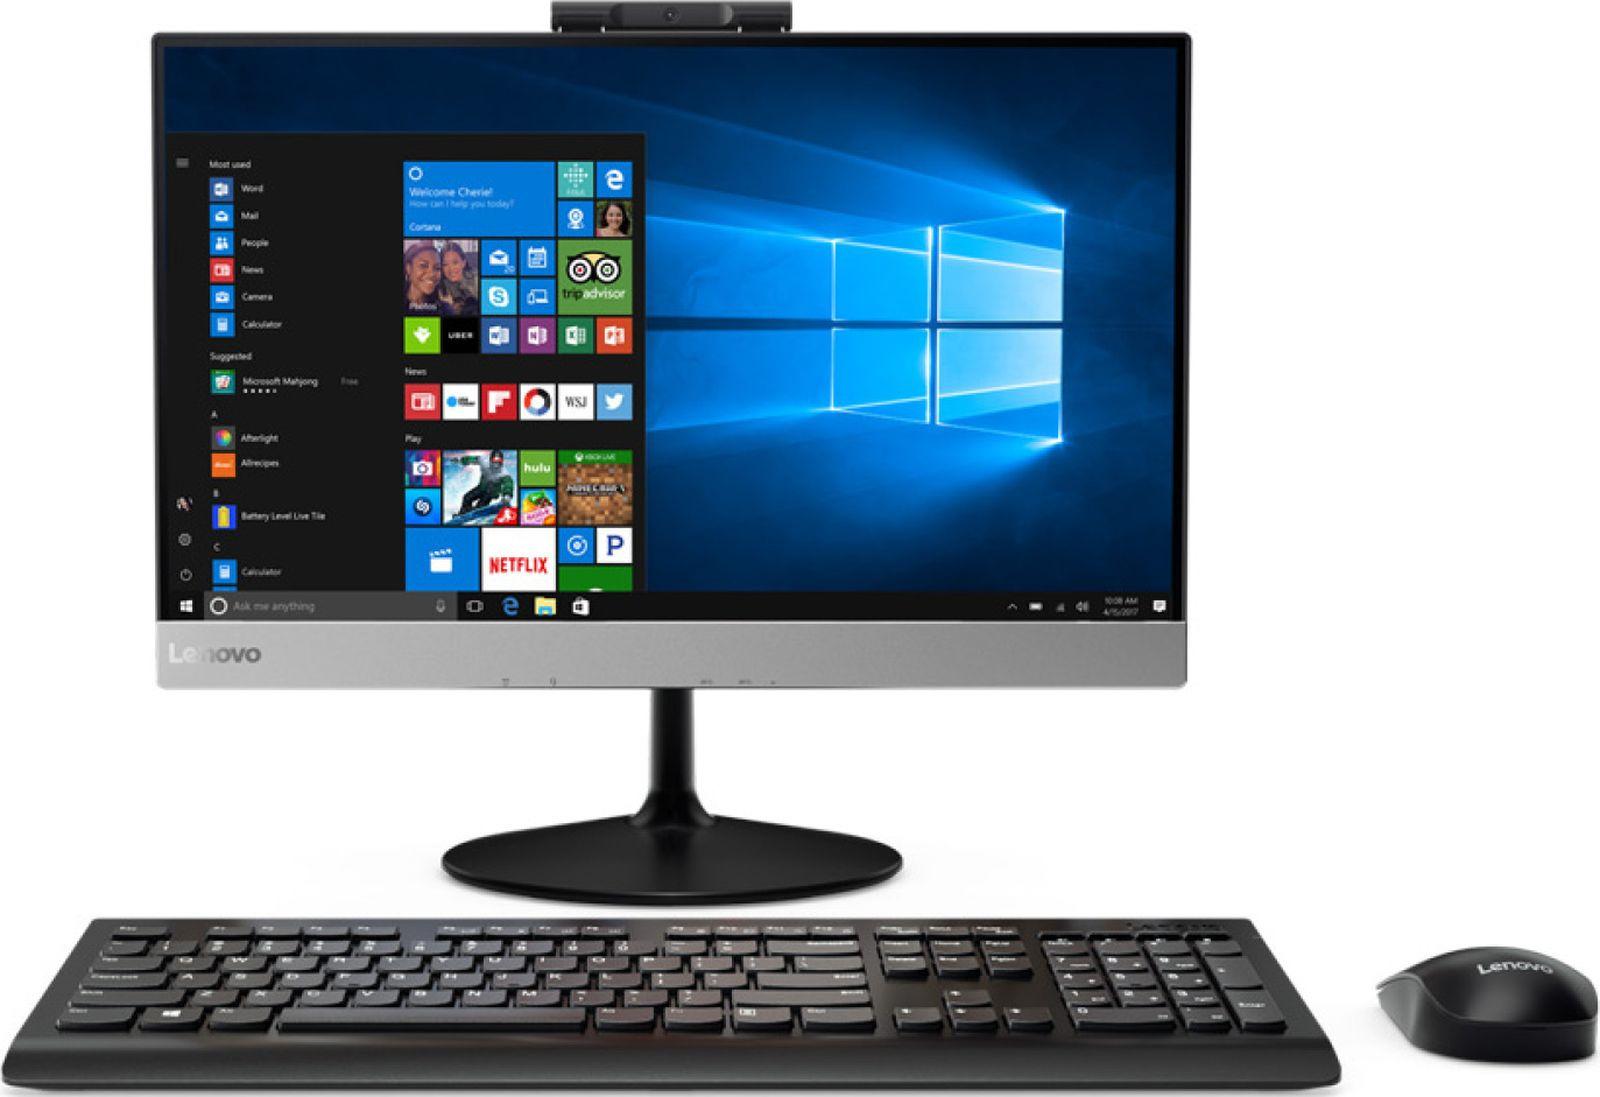 Моноблок Lenovo V410z, 10QV001FRU, 21.5, черный моноблок lenovo v410z 21 5 full hd i3 7100t 3 4 4gb 500gb 7 2k hdg630 dvdrw cr noos gbiteth wifi bt клавиатура мышь cam белый 1920x1080